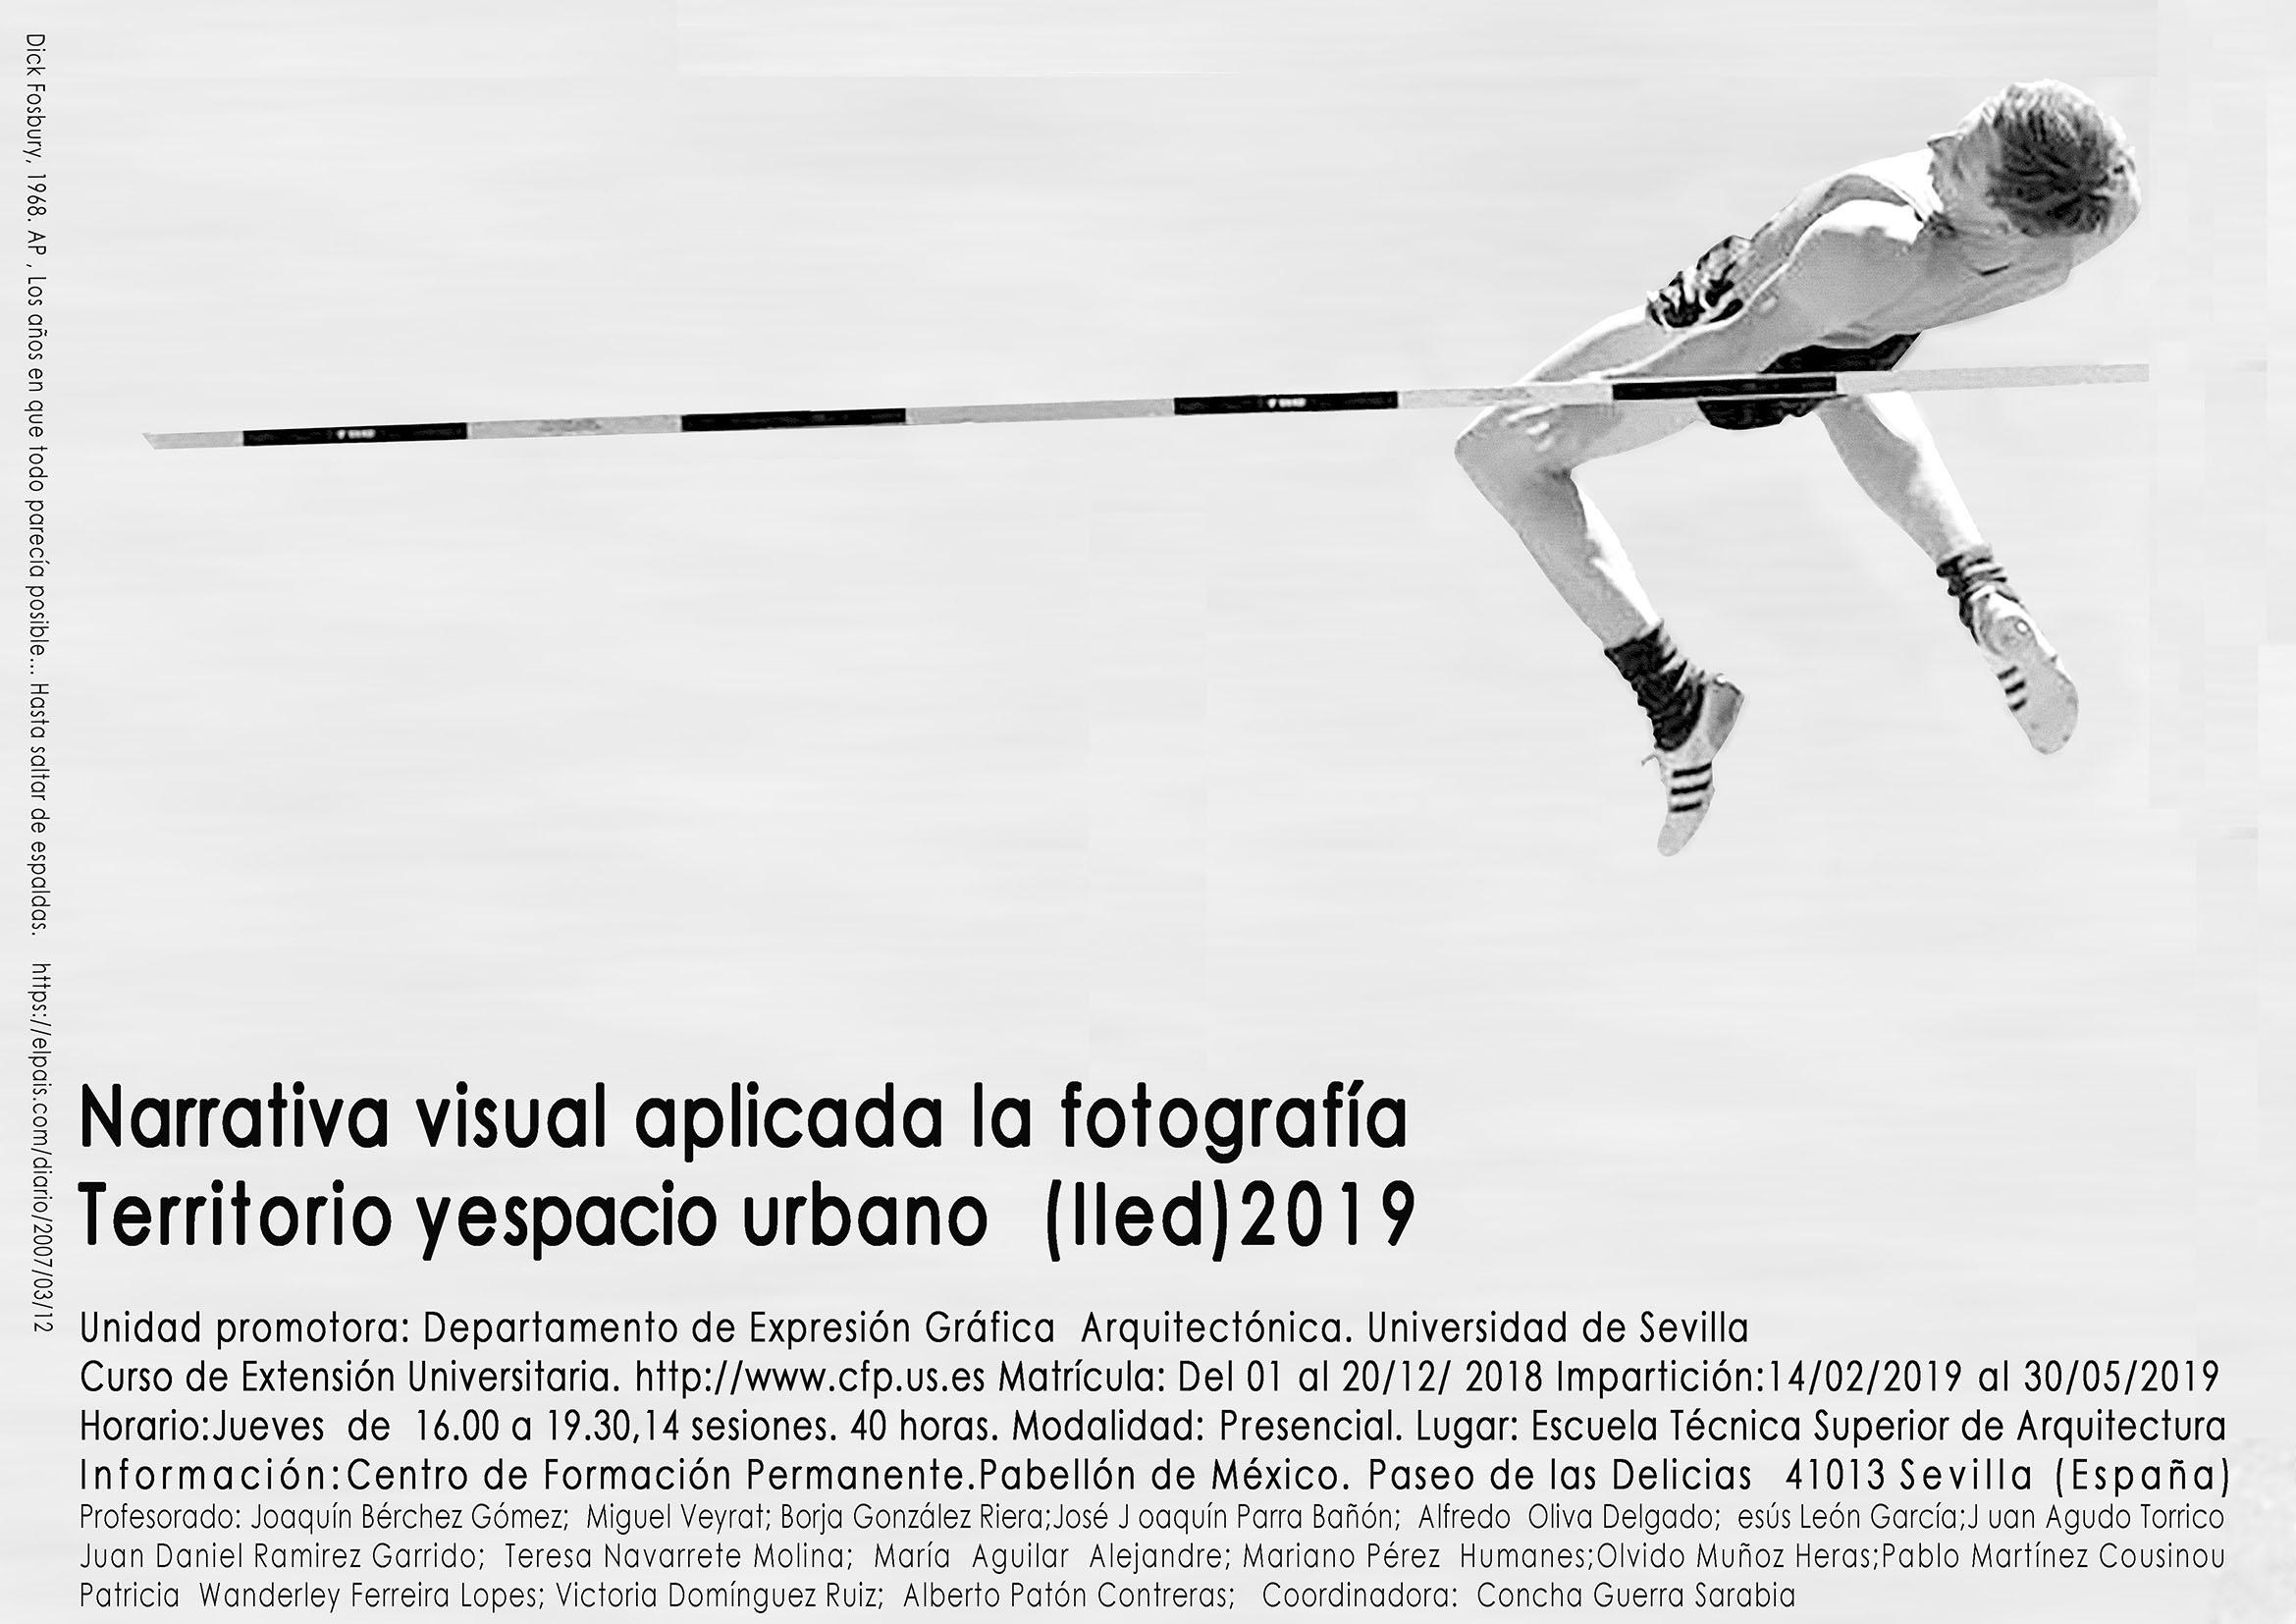 24 11 18 Cartel NV2 Territorio y espacio urbano 2018 2019 Segunda edición 100pp.jpg